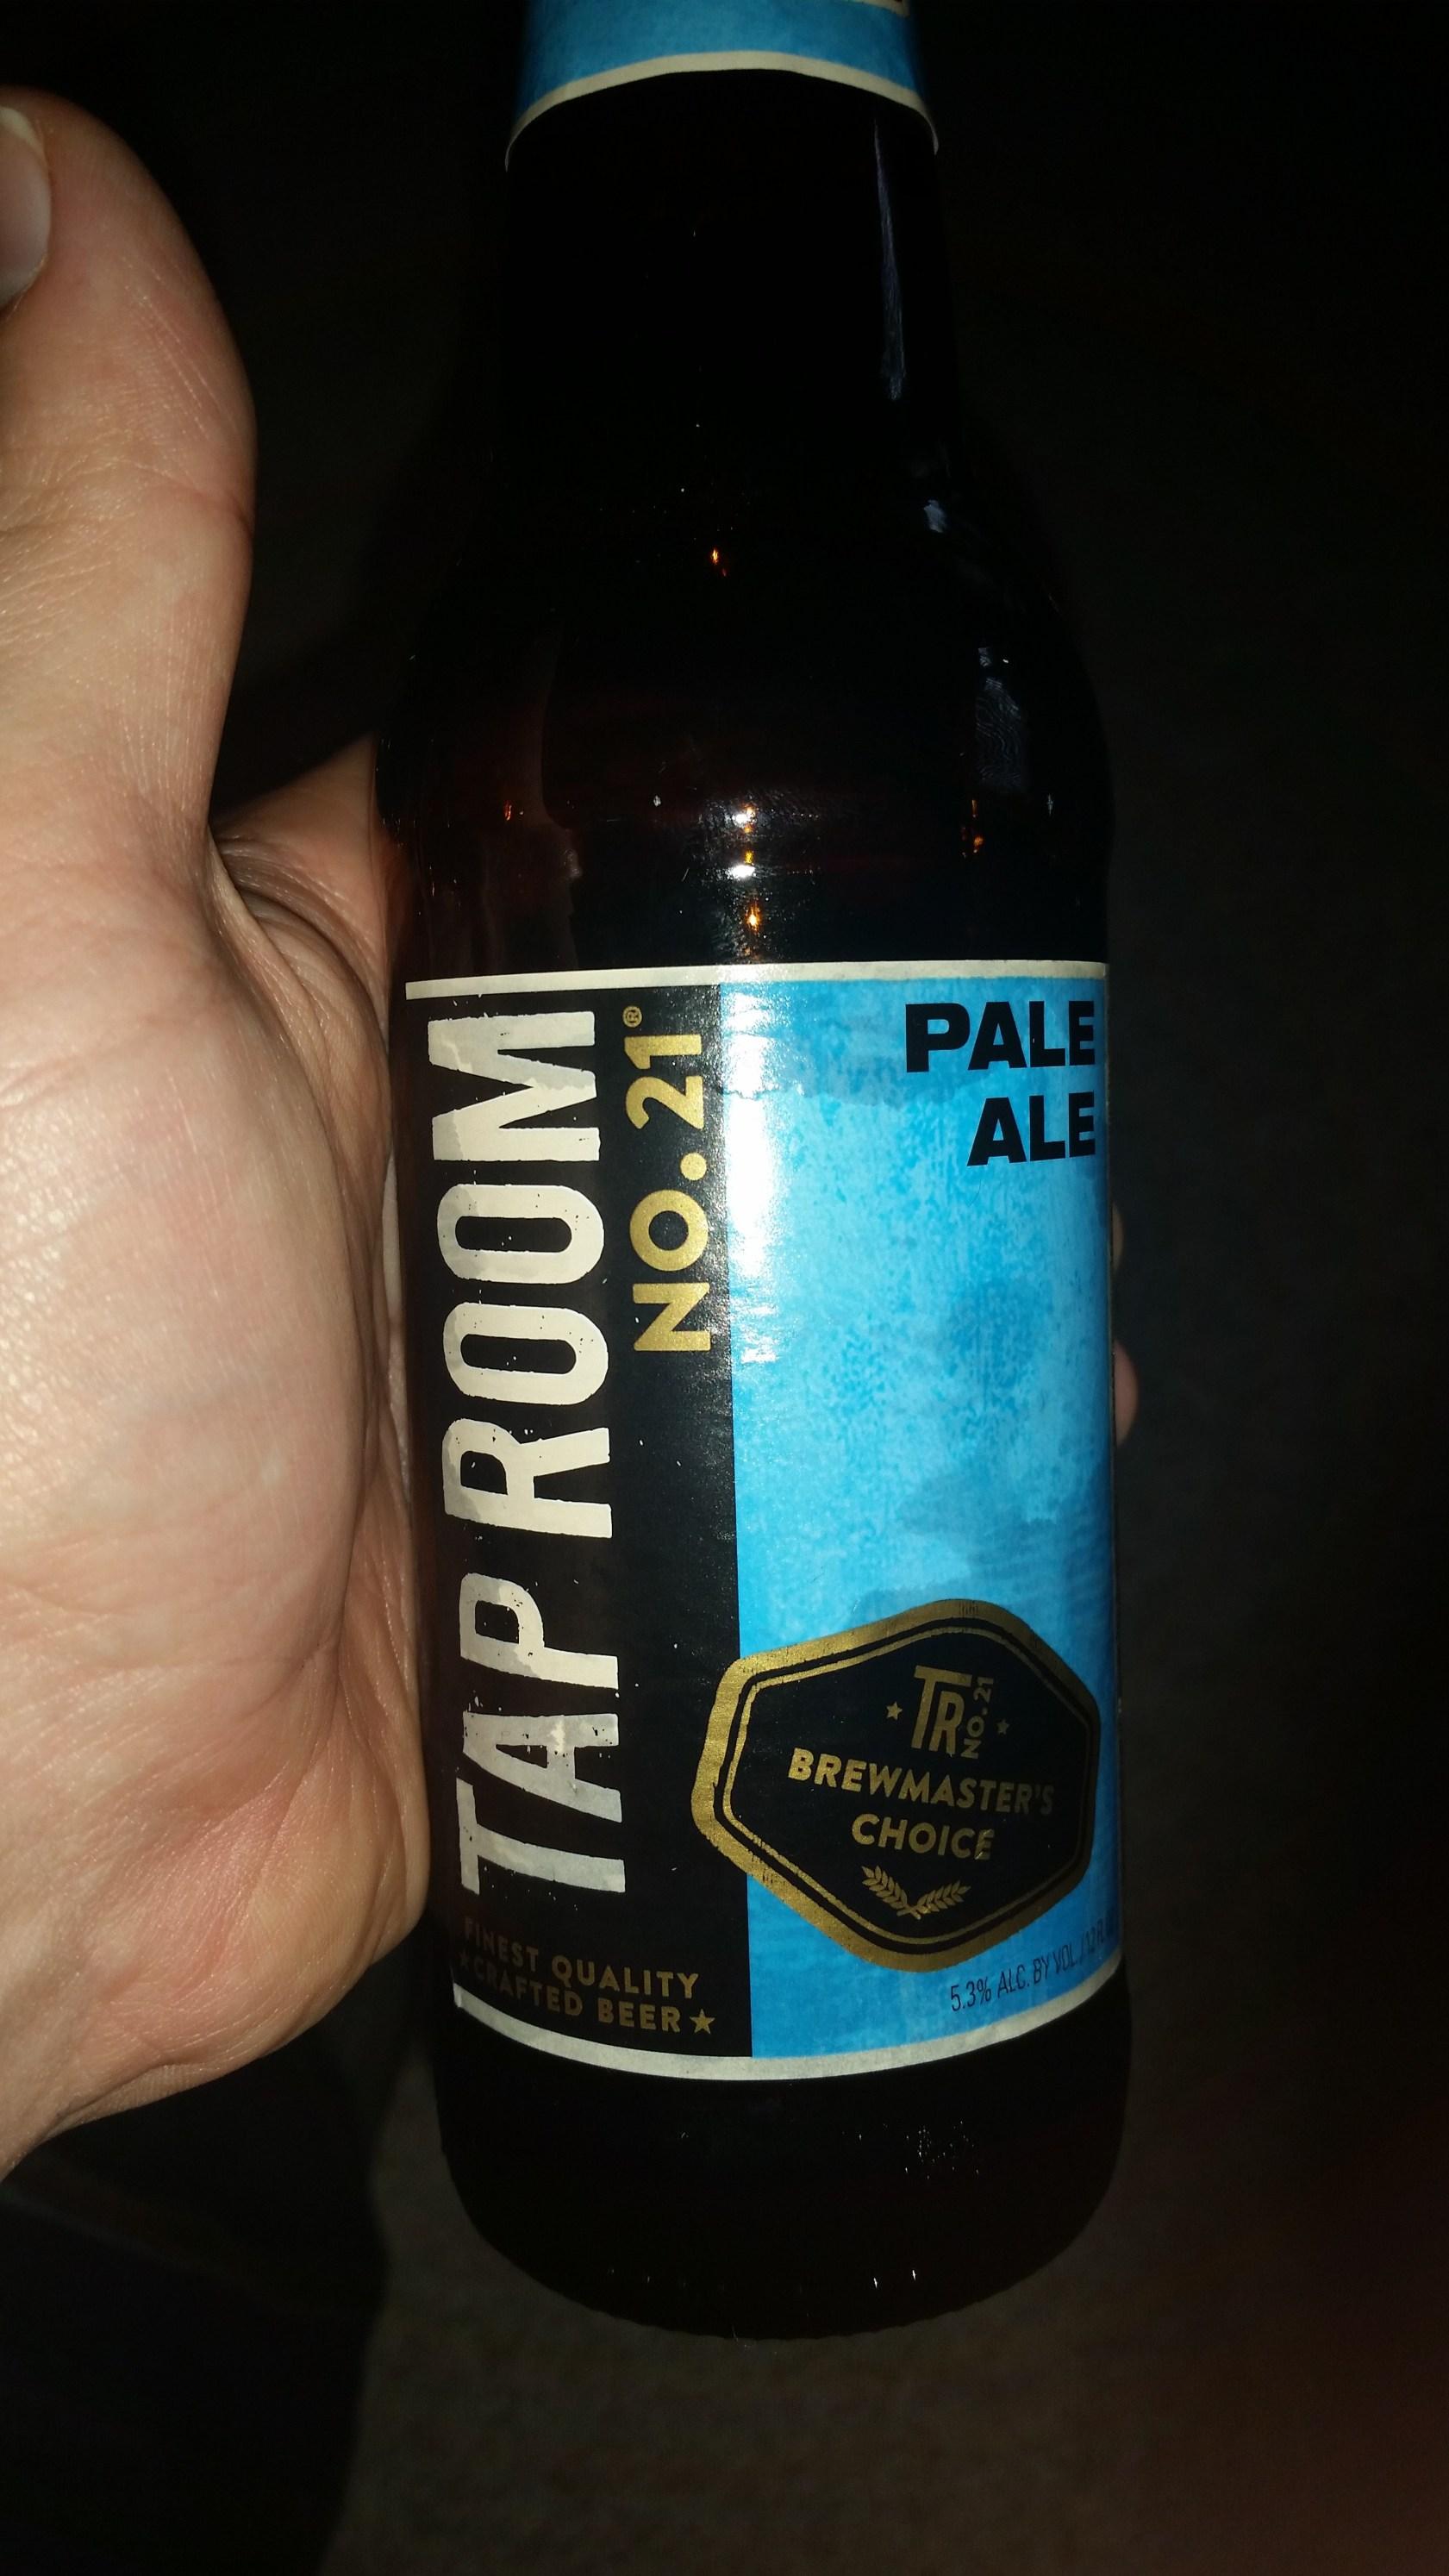 No. 21 Pale Ale